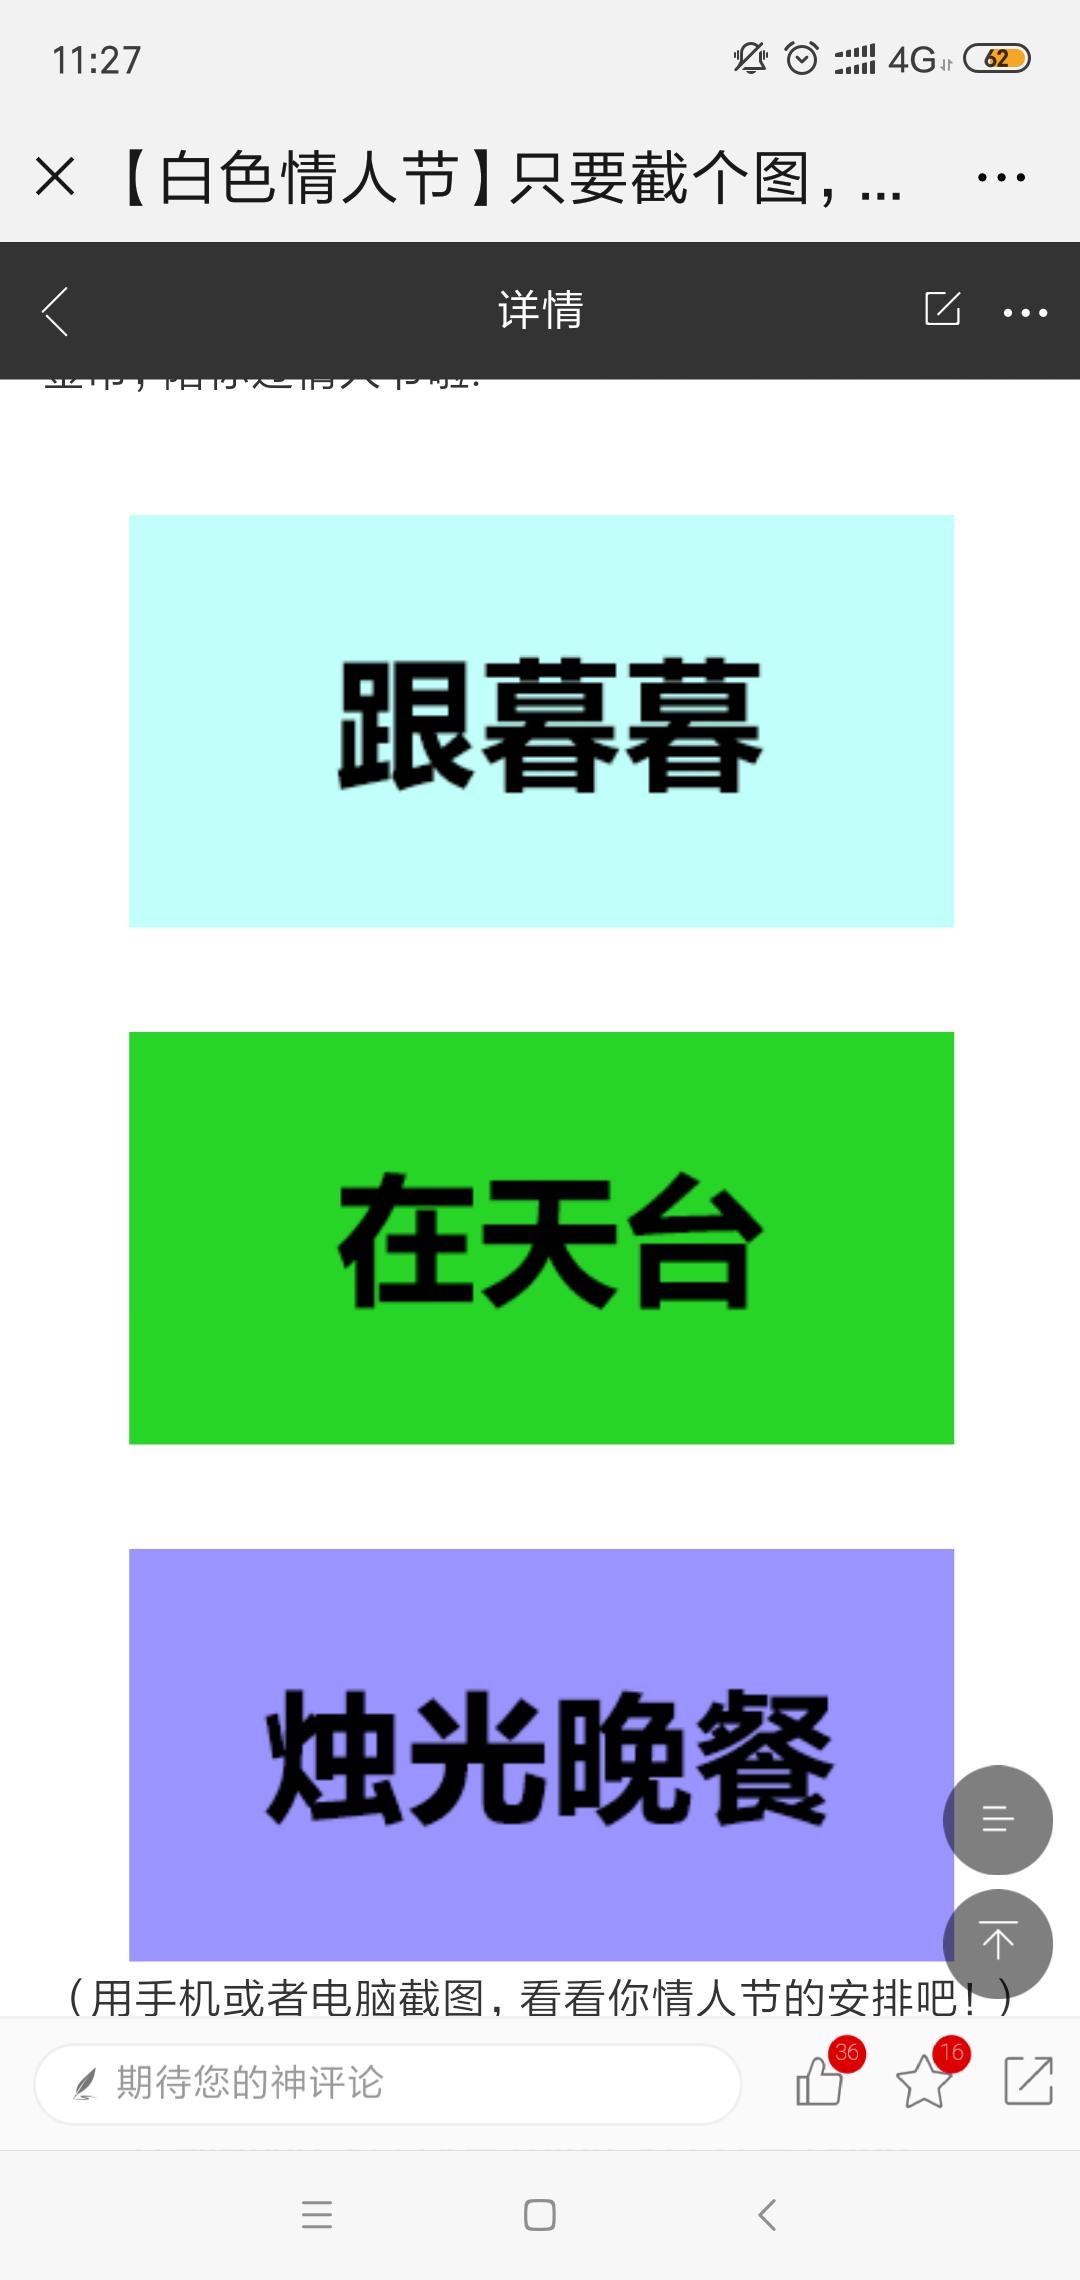 Screenshot_2019-03-14-11-27-47-635_com.tencent.mm.png